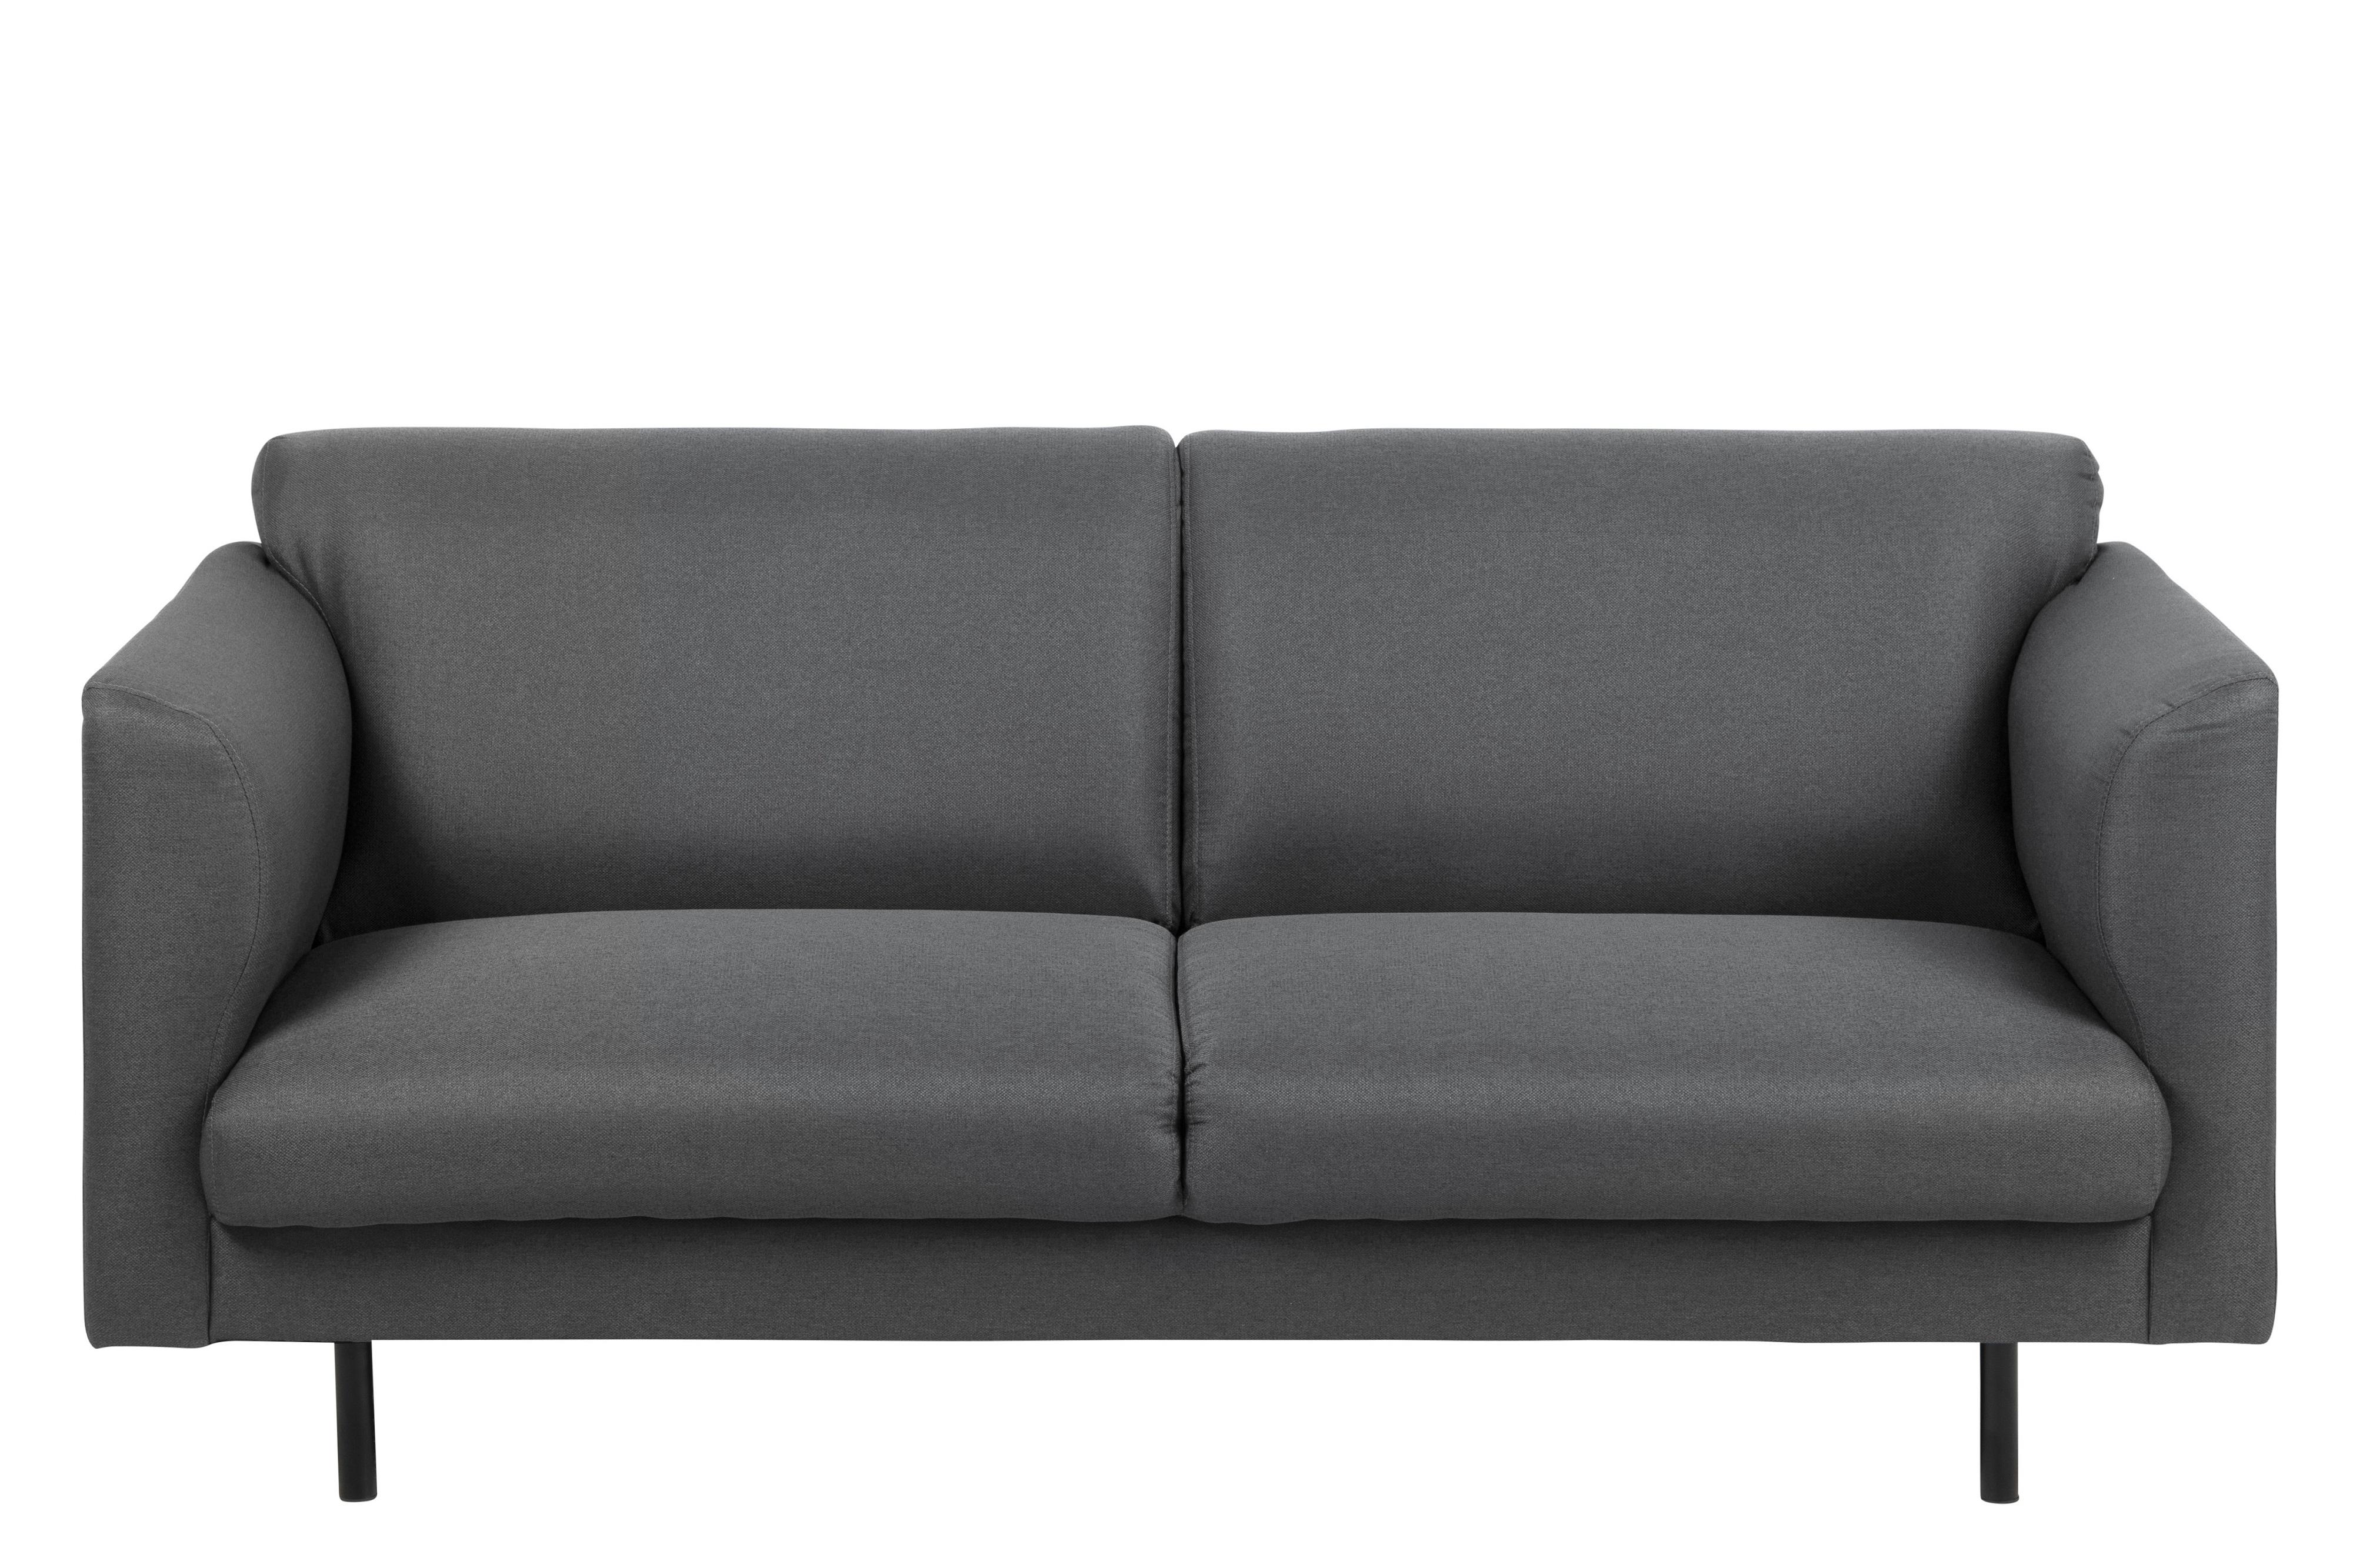 Canapea 2 locuri Conley Dark Grey